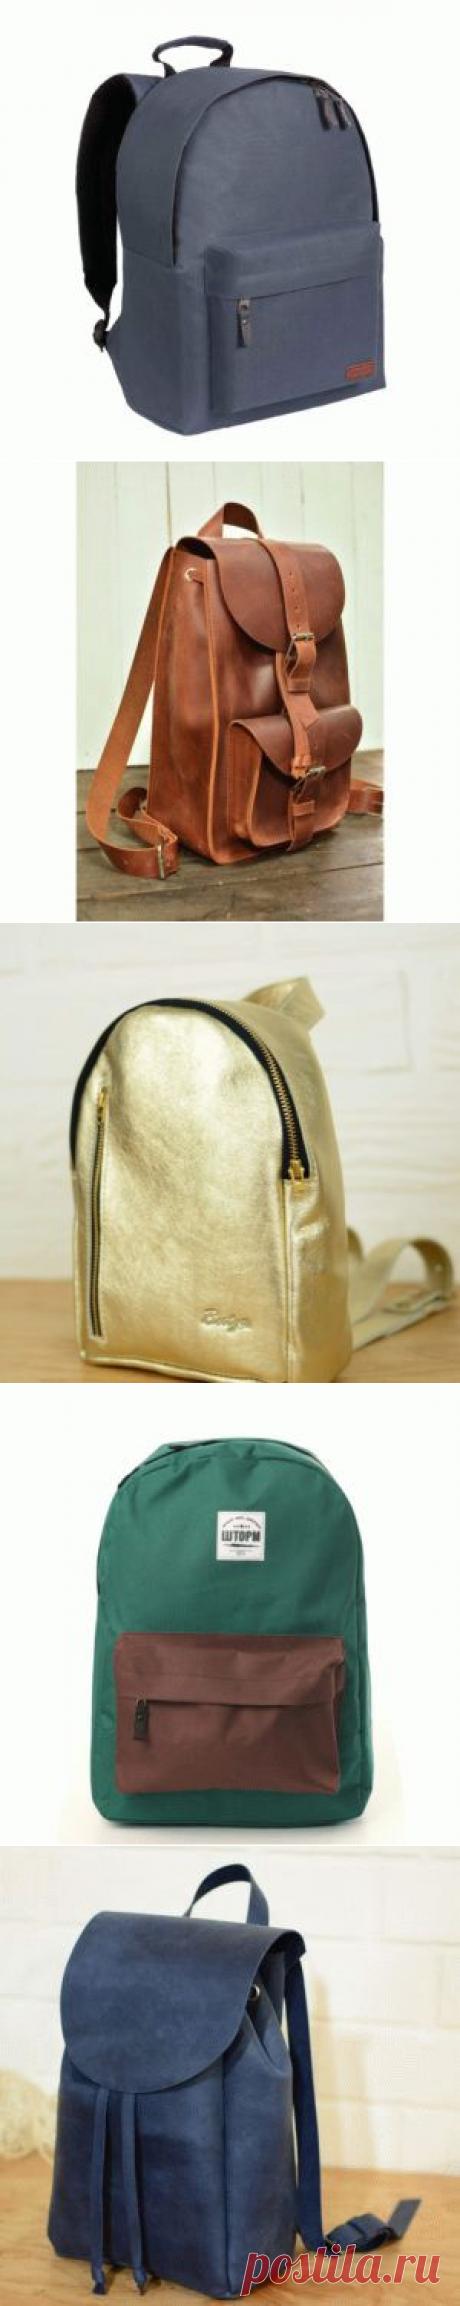 Купить рюкзак для ноутбука, школьный рюкзак, городской рюкзак